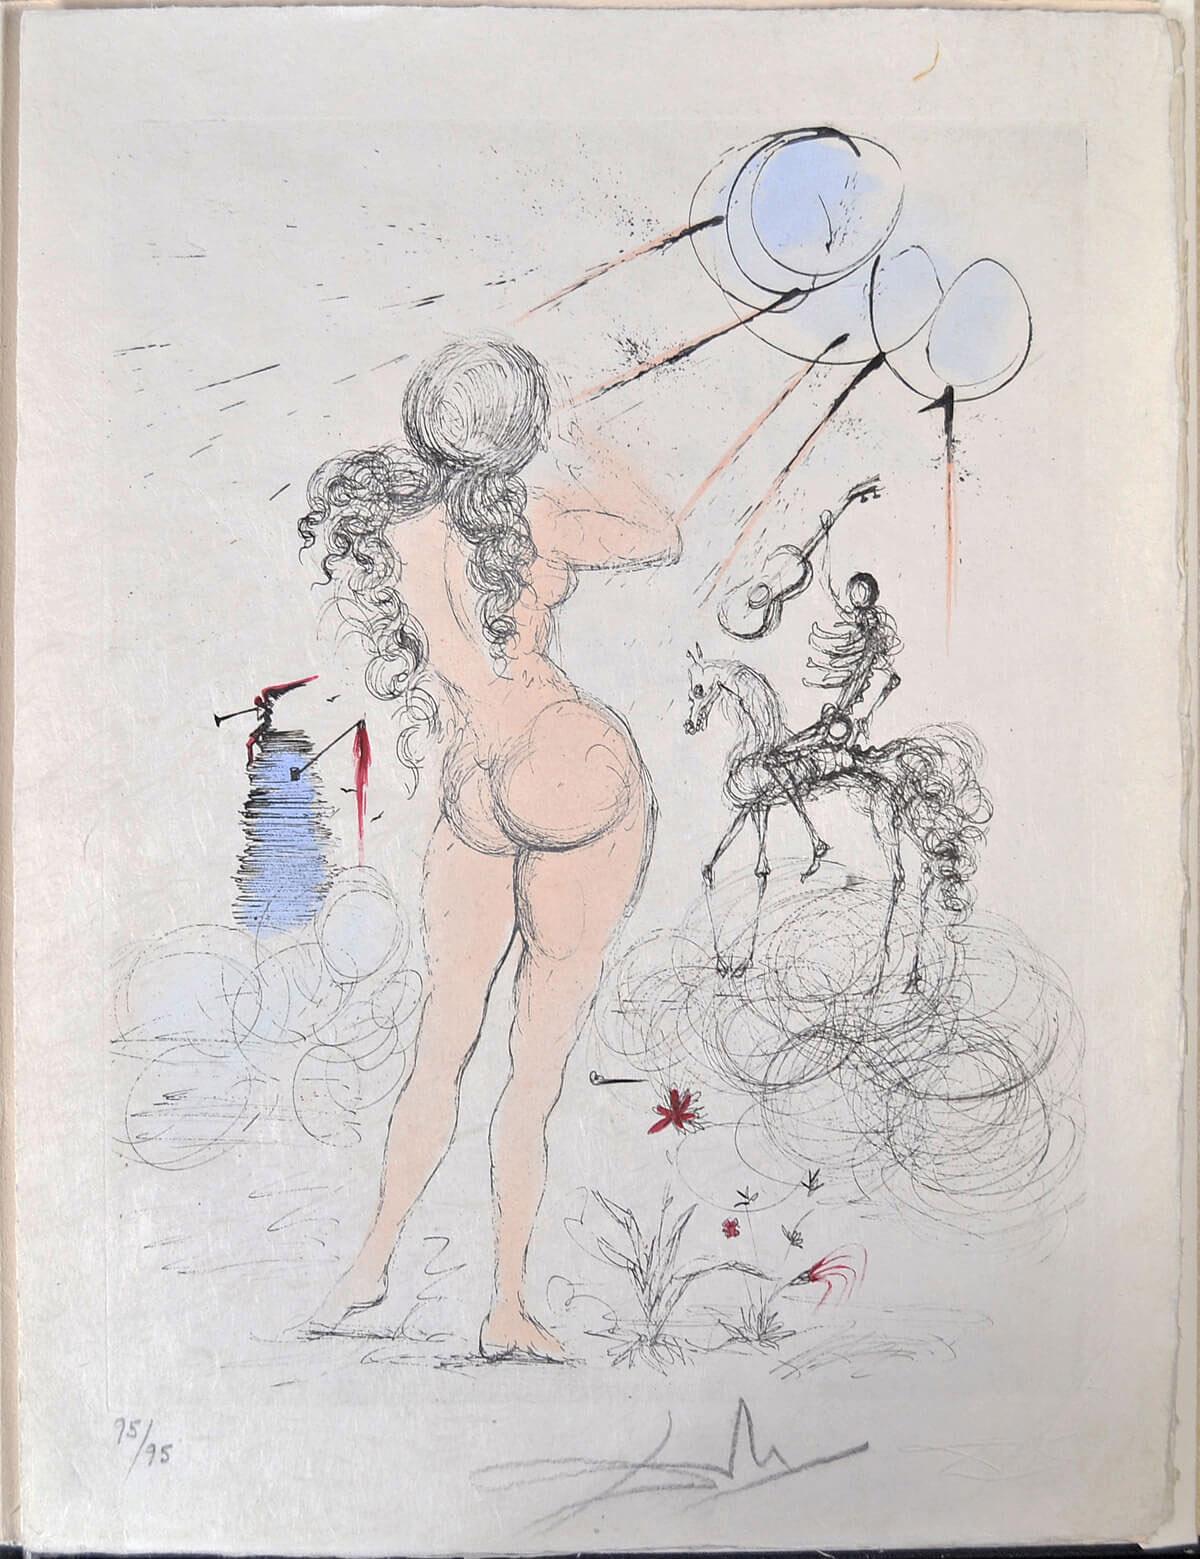 Тайные поэмы Аполлинера, цветная сюита, 1967